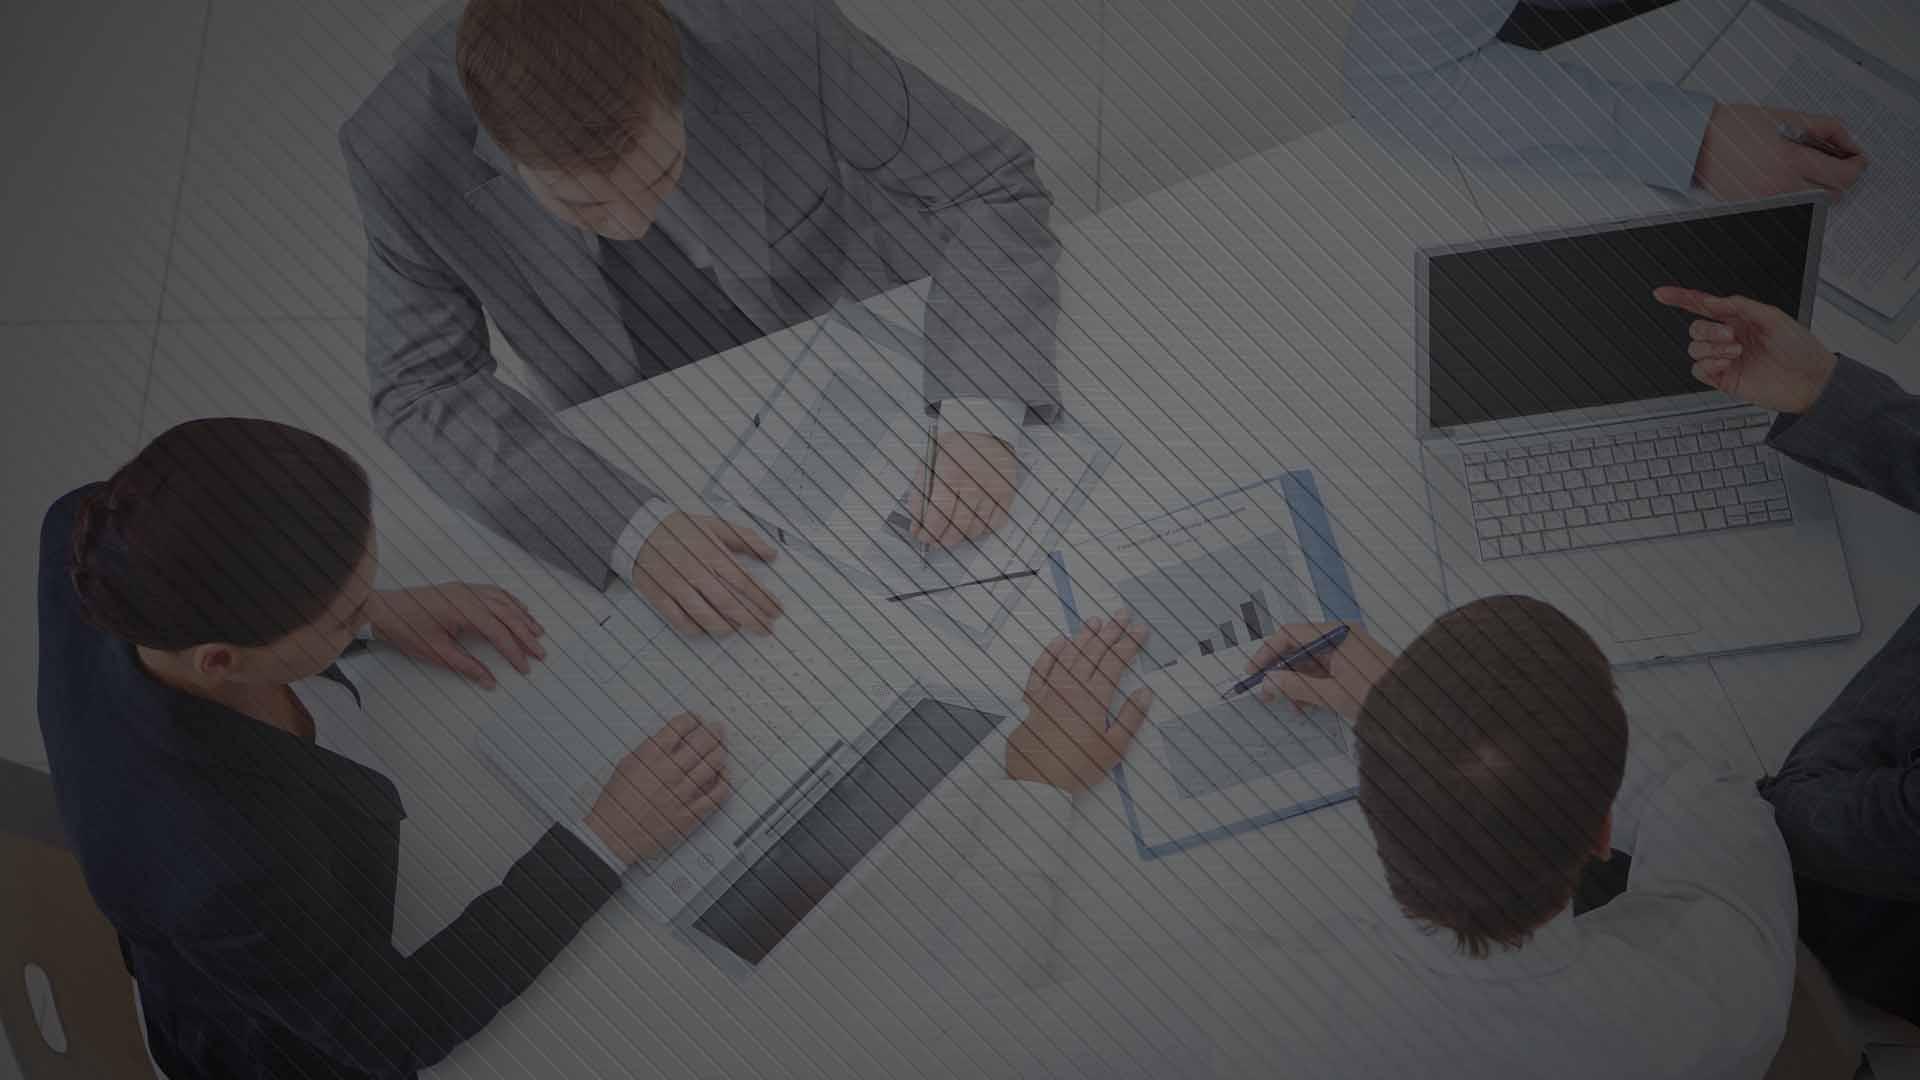 توازن در کنترل سازمان و پایش اهداف استراتژی